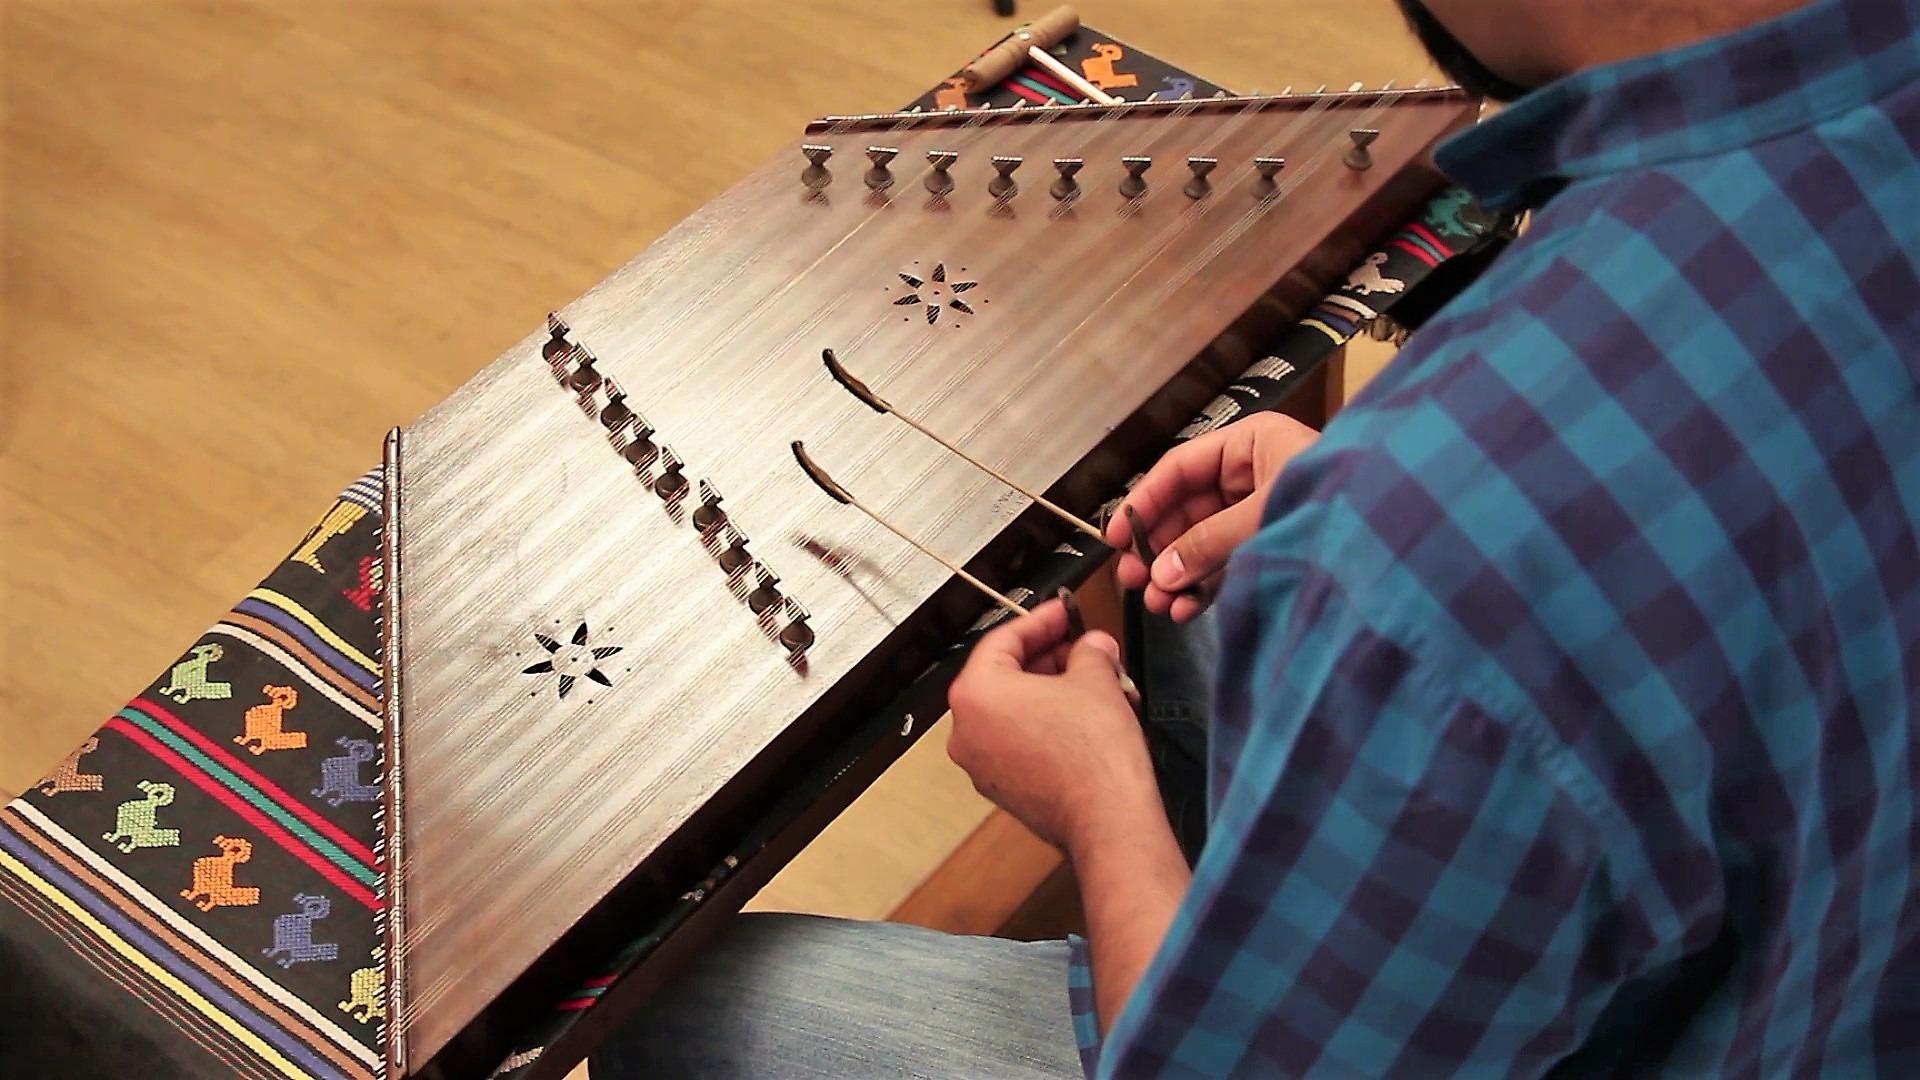 سنتور یکی از سازهای موسیقی اصیل ایرانی